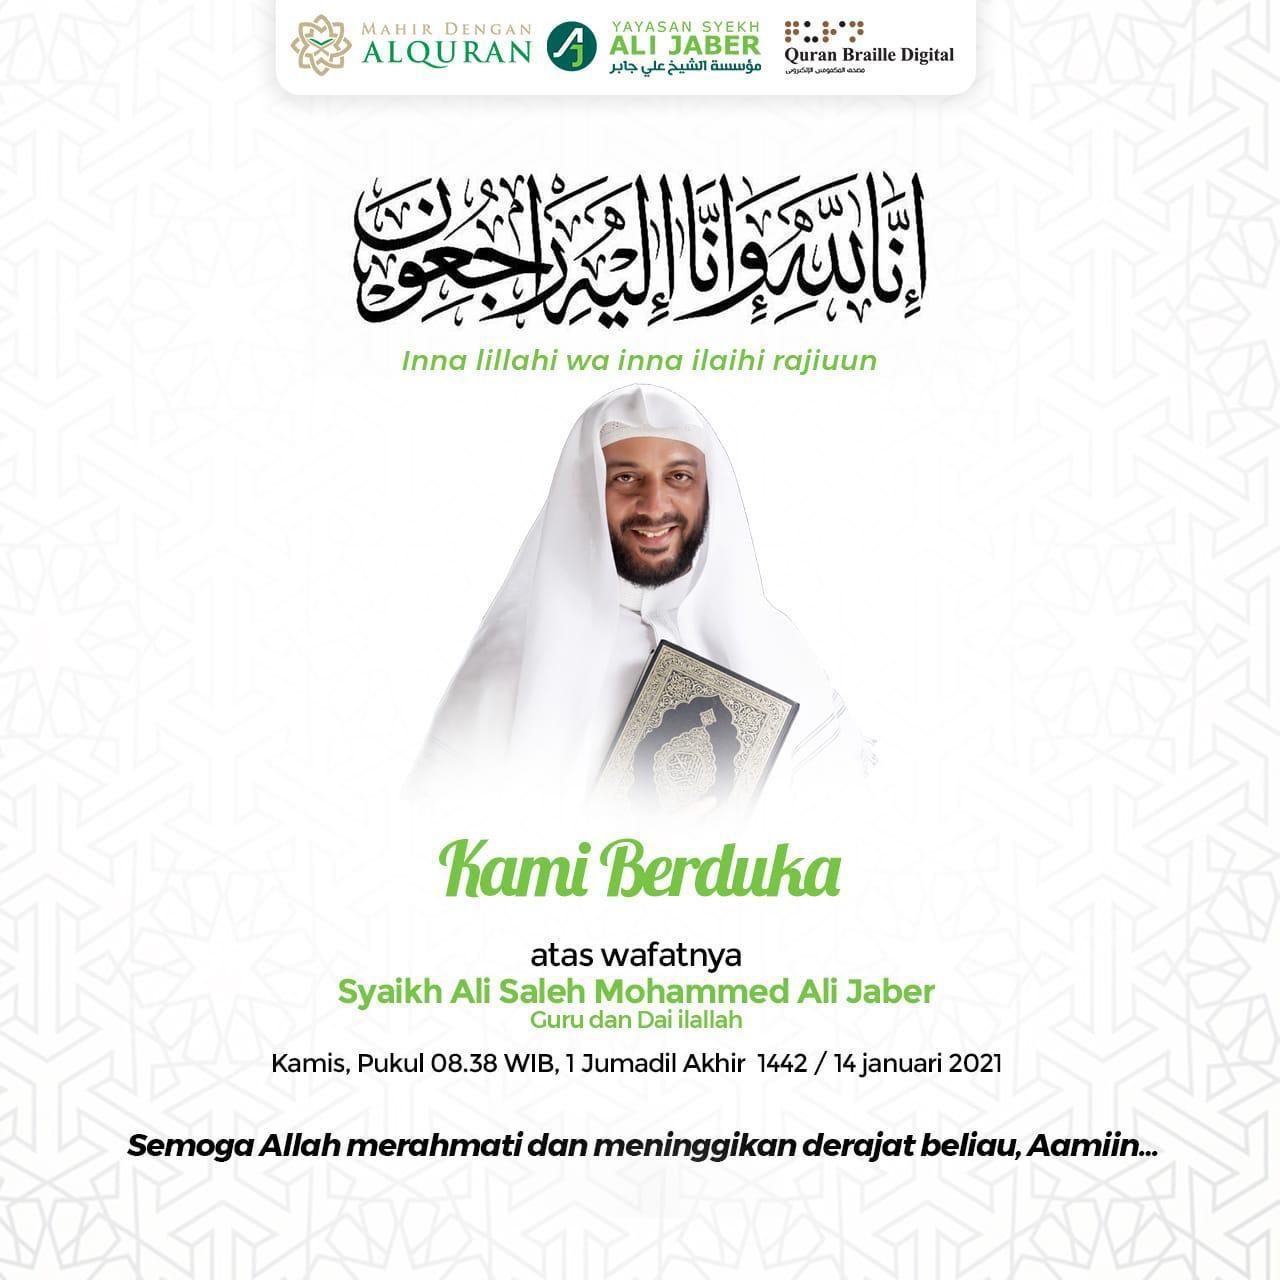 Syekh Ali Jaber meninggal dunia hari ini, Kamis (14/1), pada pukul 8.30 WIB di RS Yarsi Cempaka Putih.